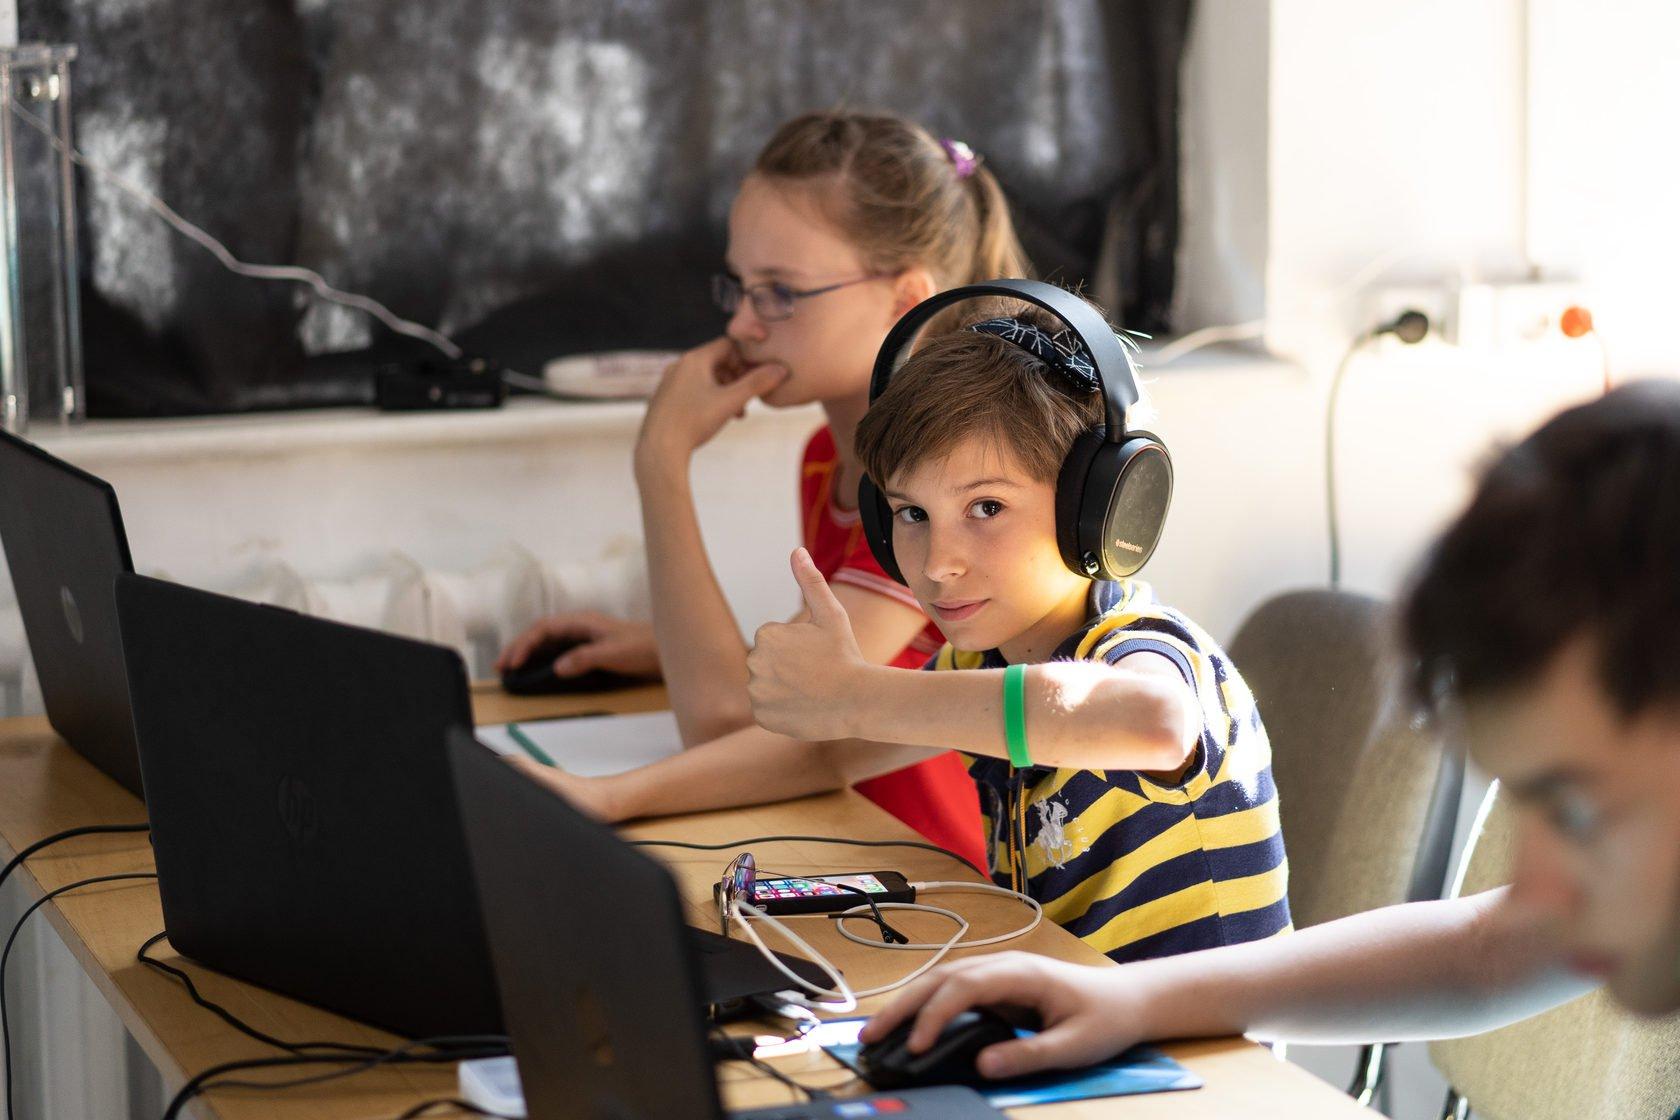 Клубы в москве для 16 летних сатья дас мужской клуб слушать онлайн